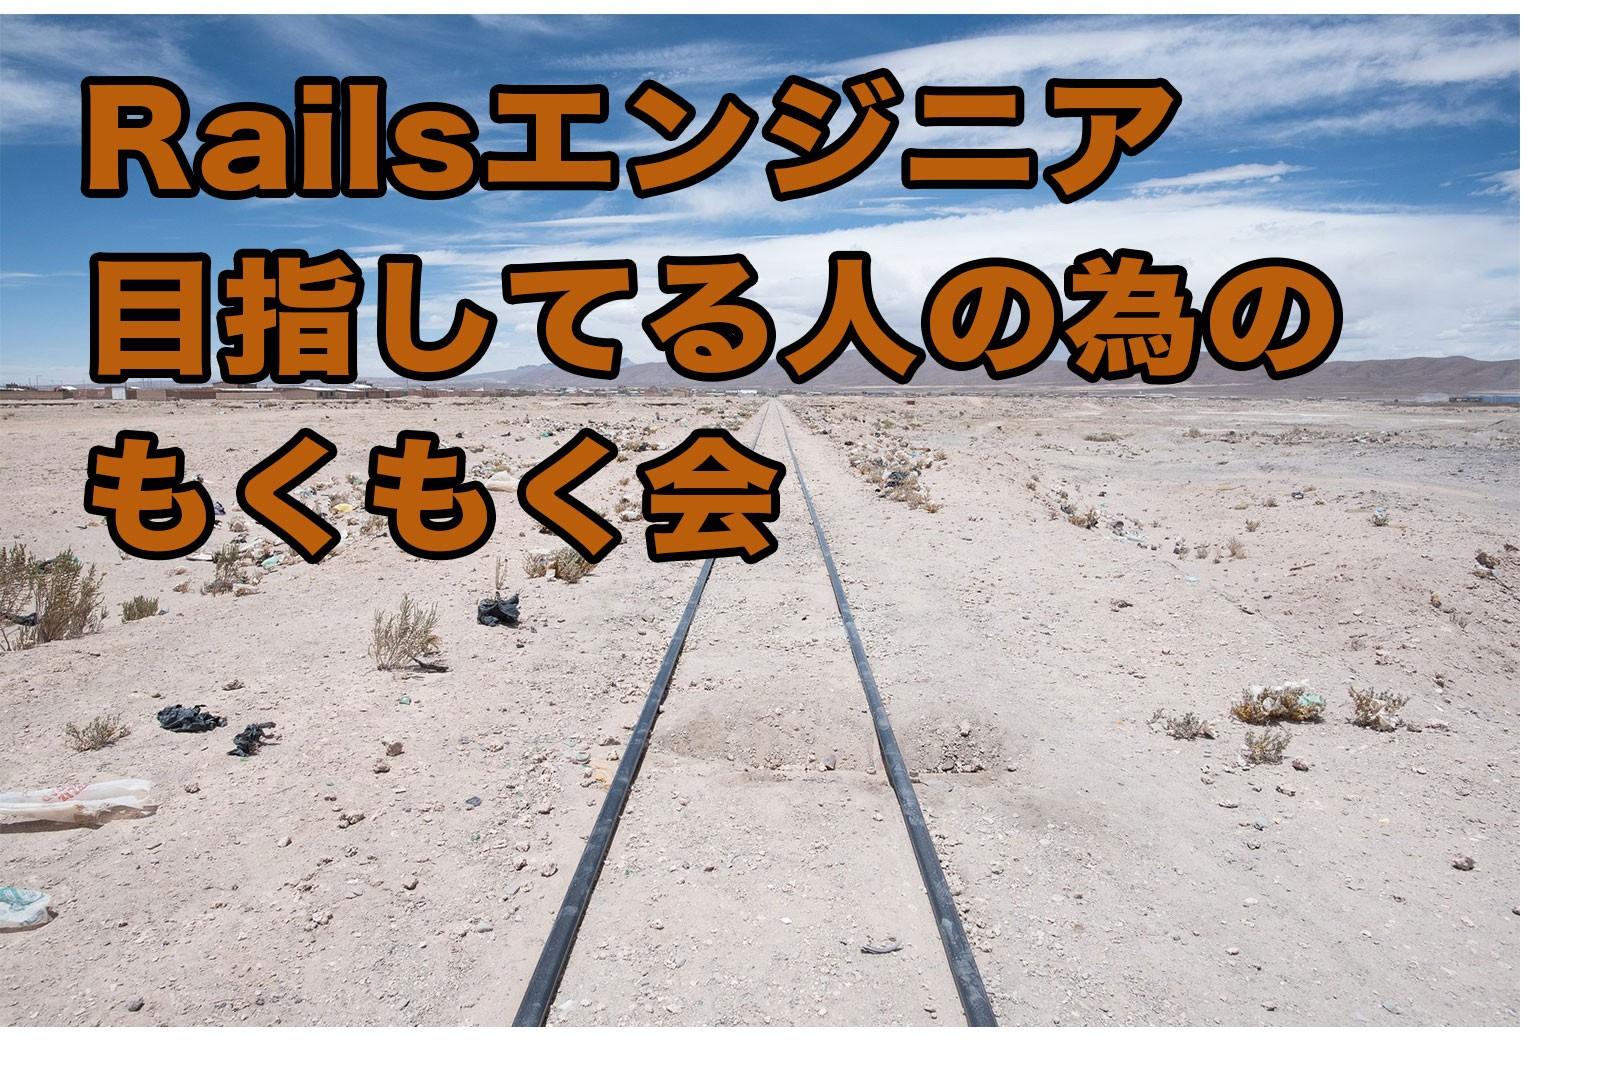 [2017/12/16] Railsエンジニア目指してる人の為のもくもく会 @渋谷 #4